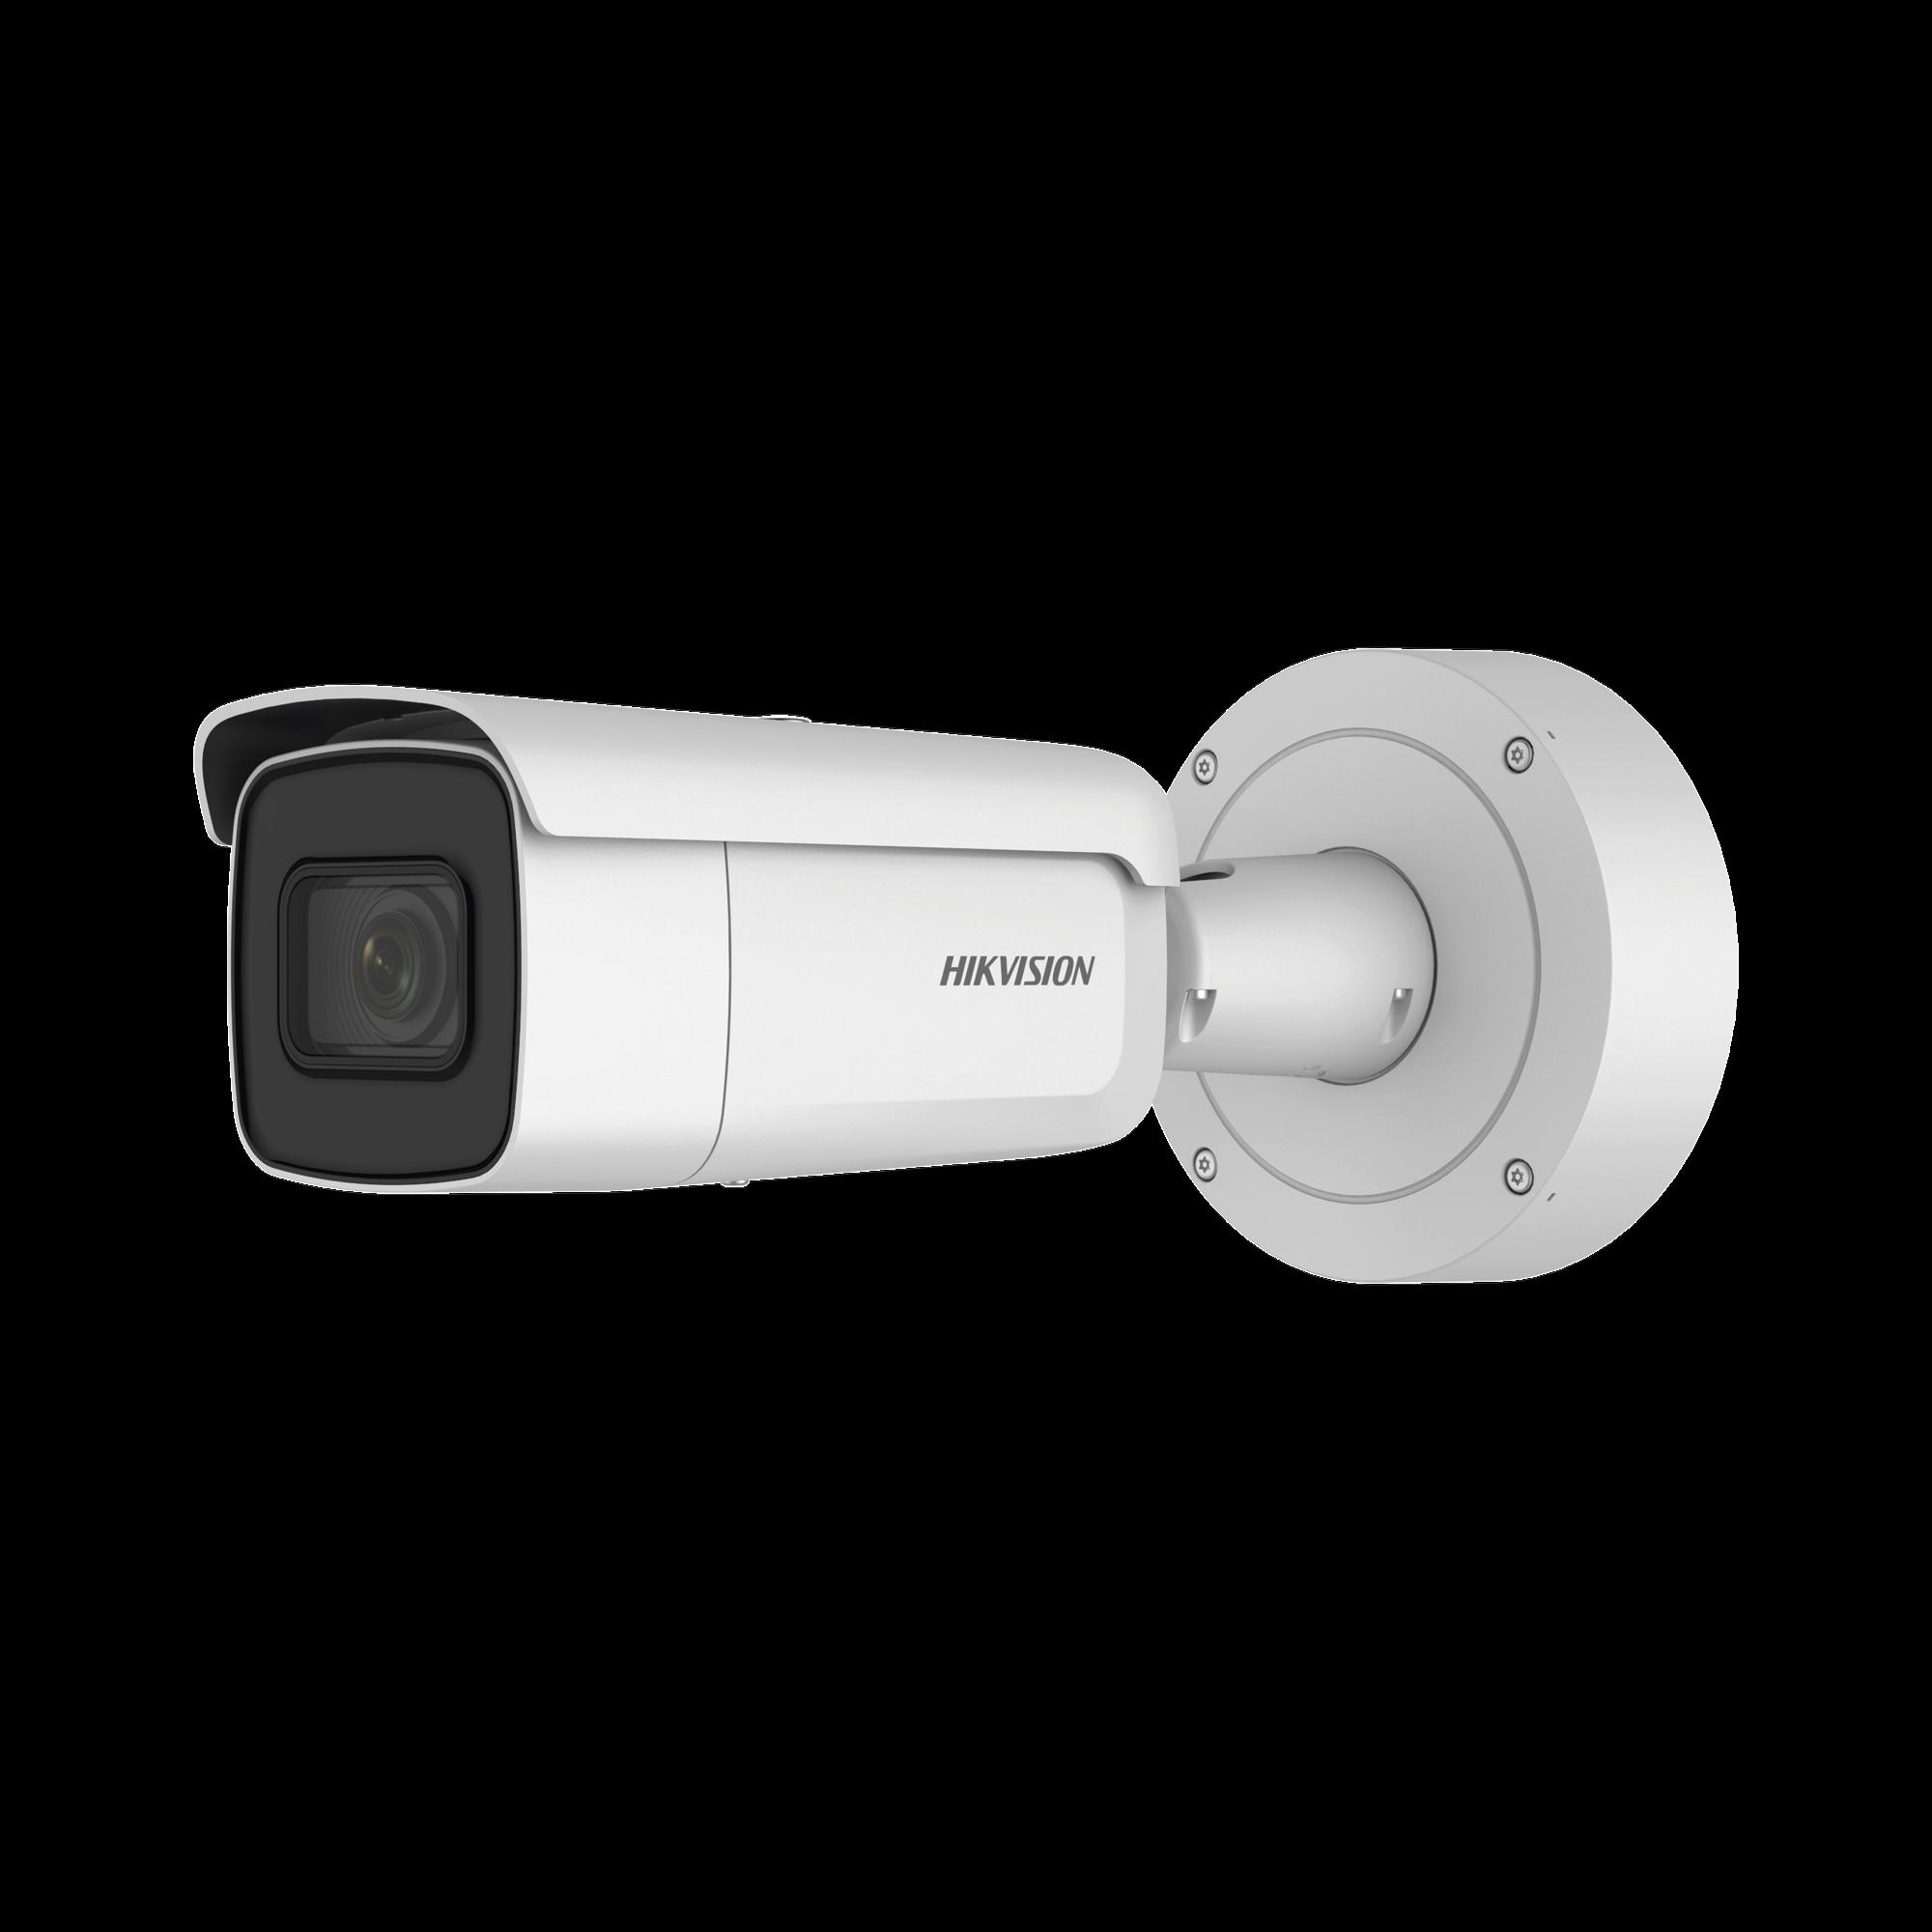 Bala IP 2 Megapixel / 60 mts IR EXIR / Lente Mot. 2.7 a 13.5 mm / Ultra Baja Iluminación / IP67 / IK10 / Videoanaliticos Integrados / WDR 120 dB / PoE+ / Audio y Alarmas